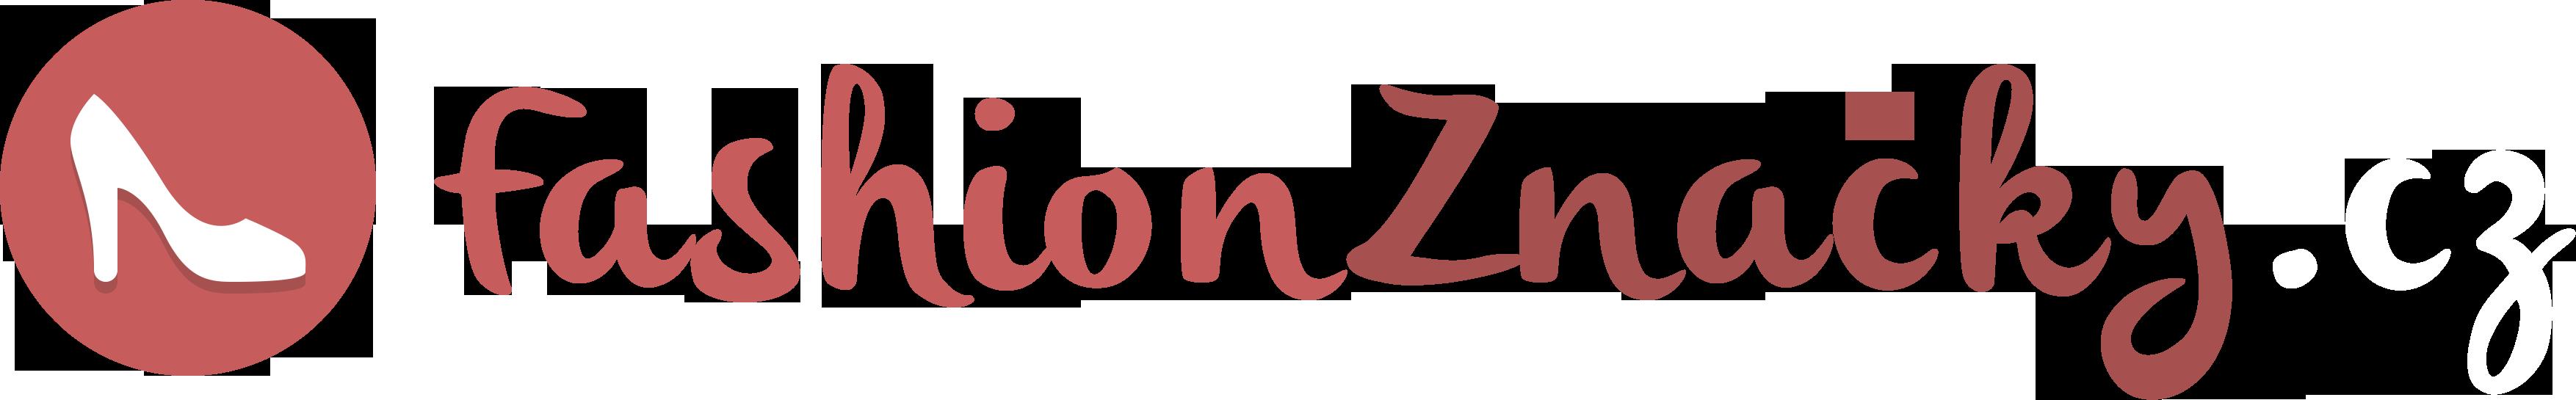 Přehled značek | Fashionznacky.cz